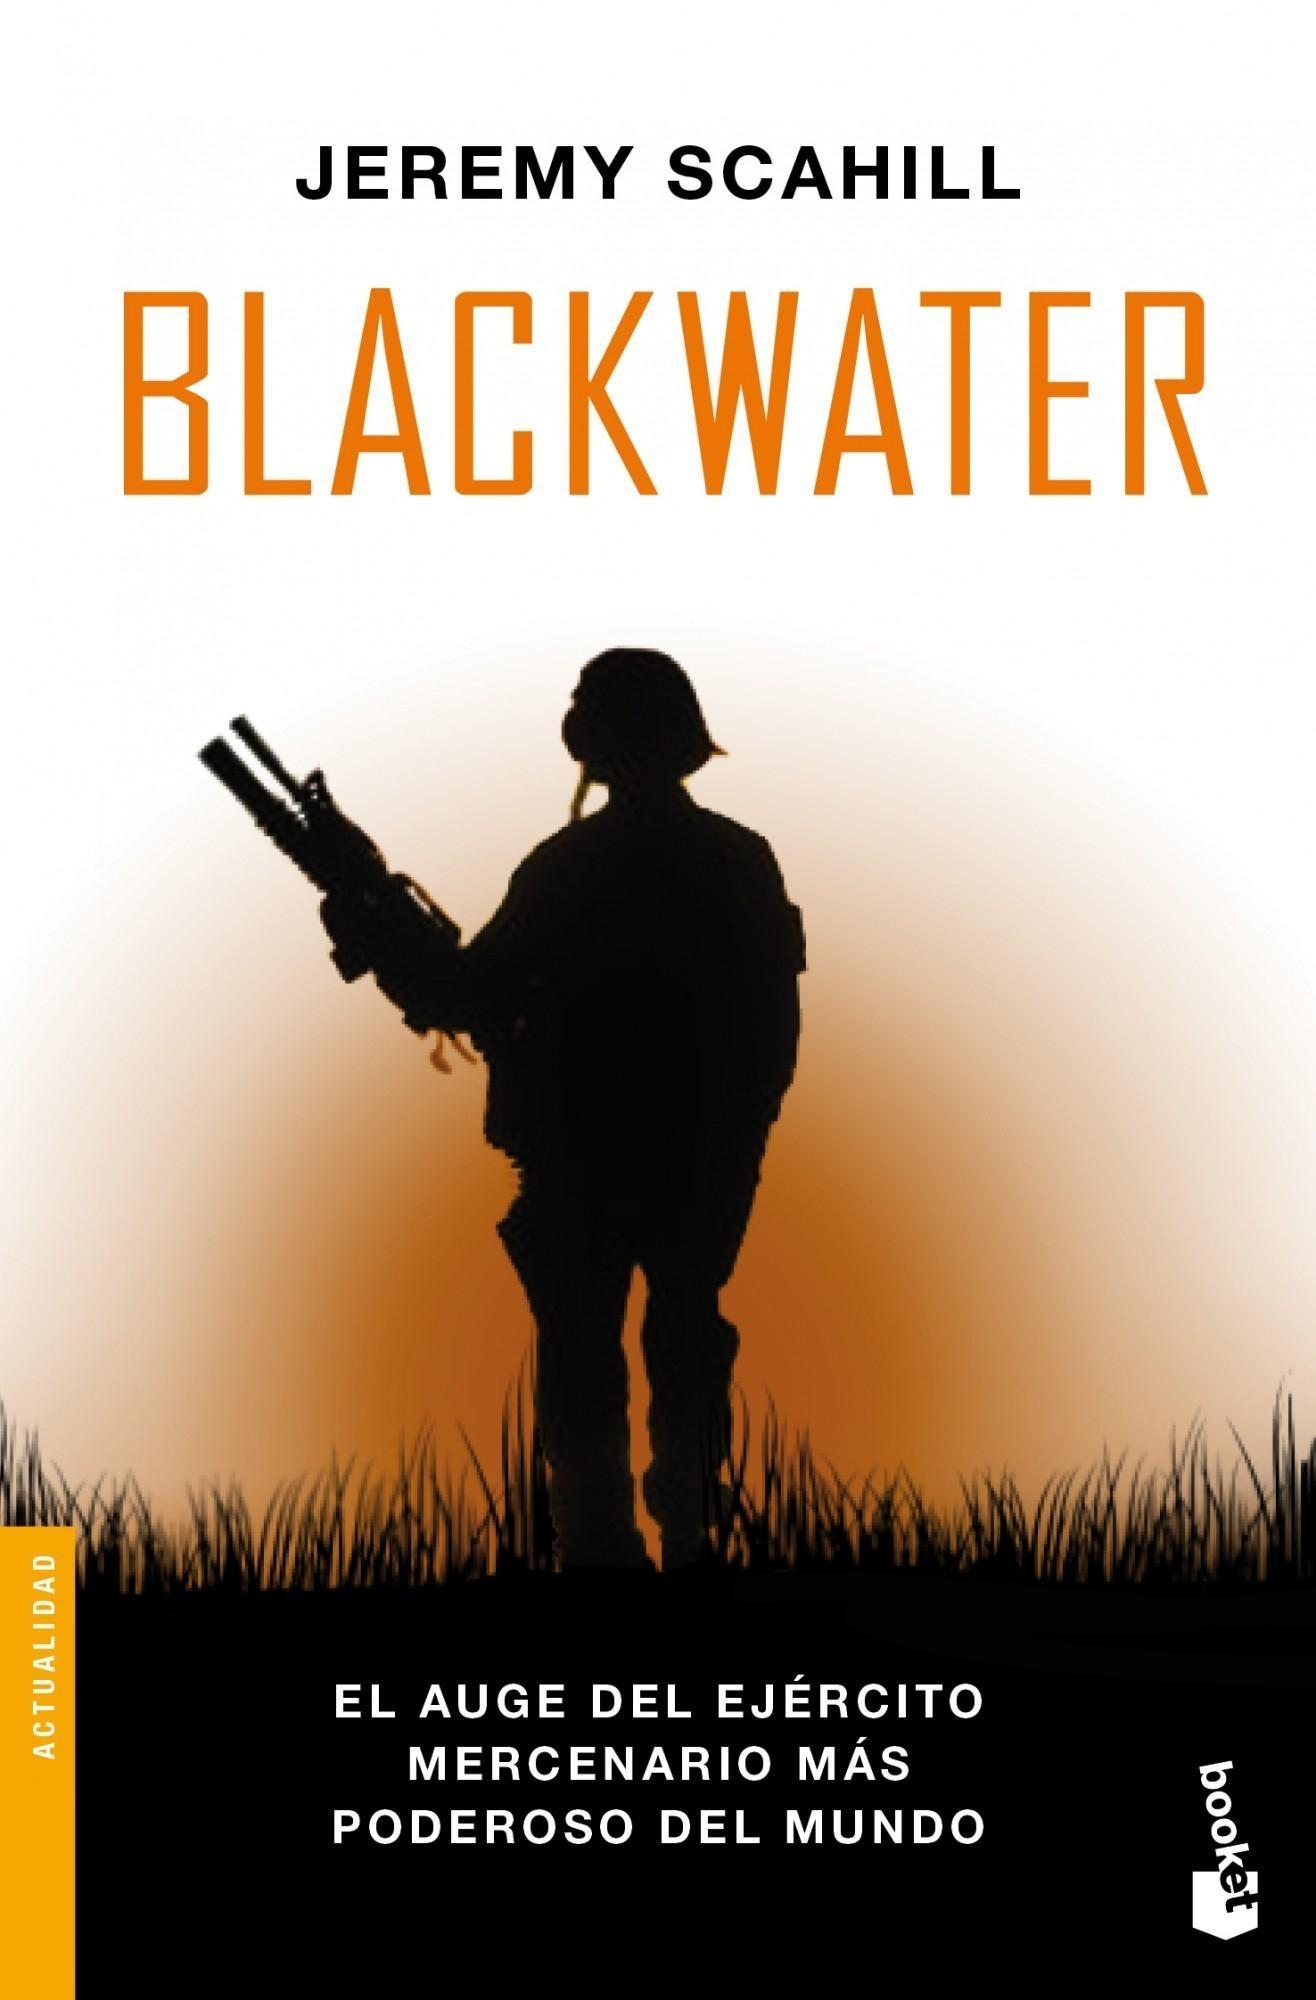 Portada del libro 'Blackawater, el auge del ejército mercenario más poderoso del mundo', de Jeremy Scahill